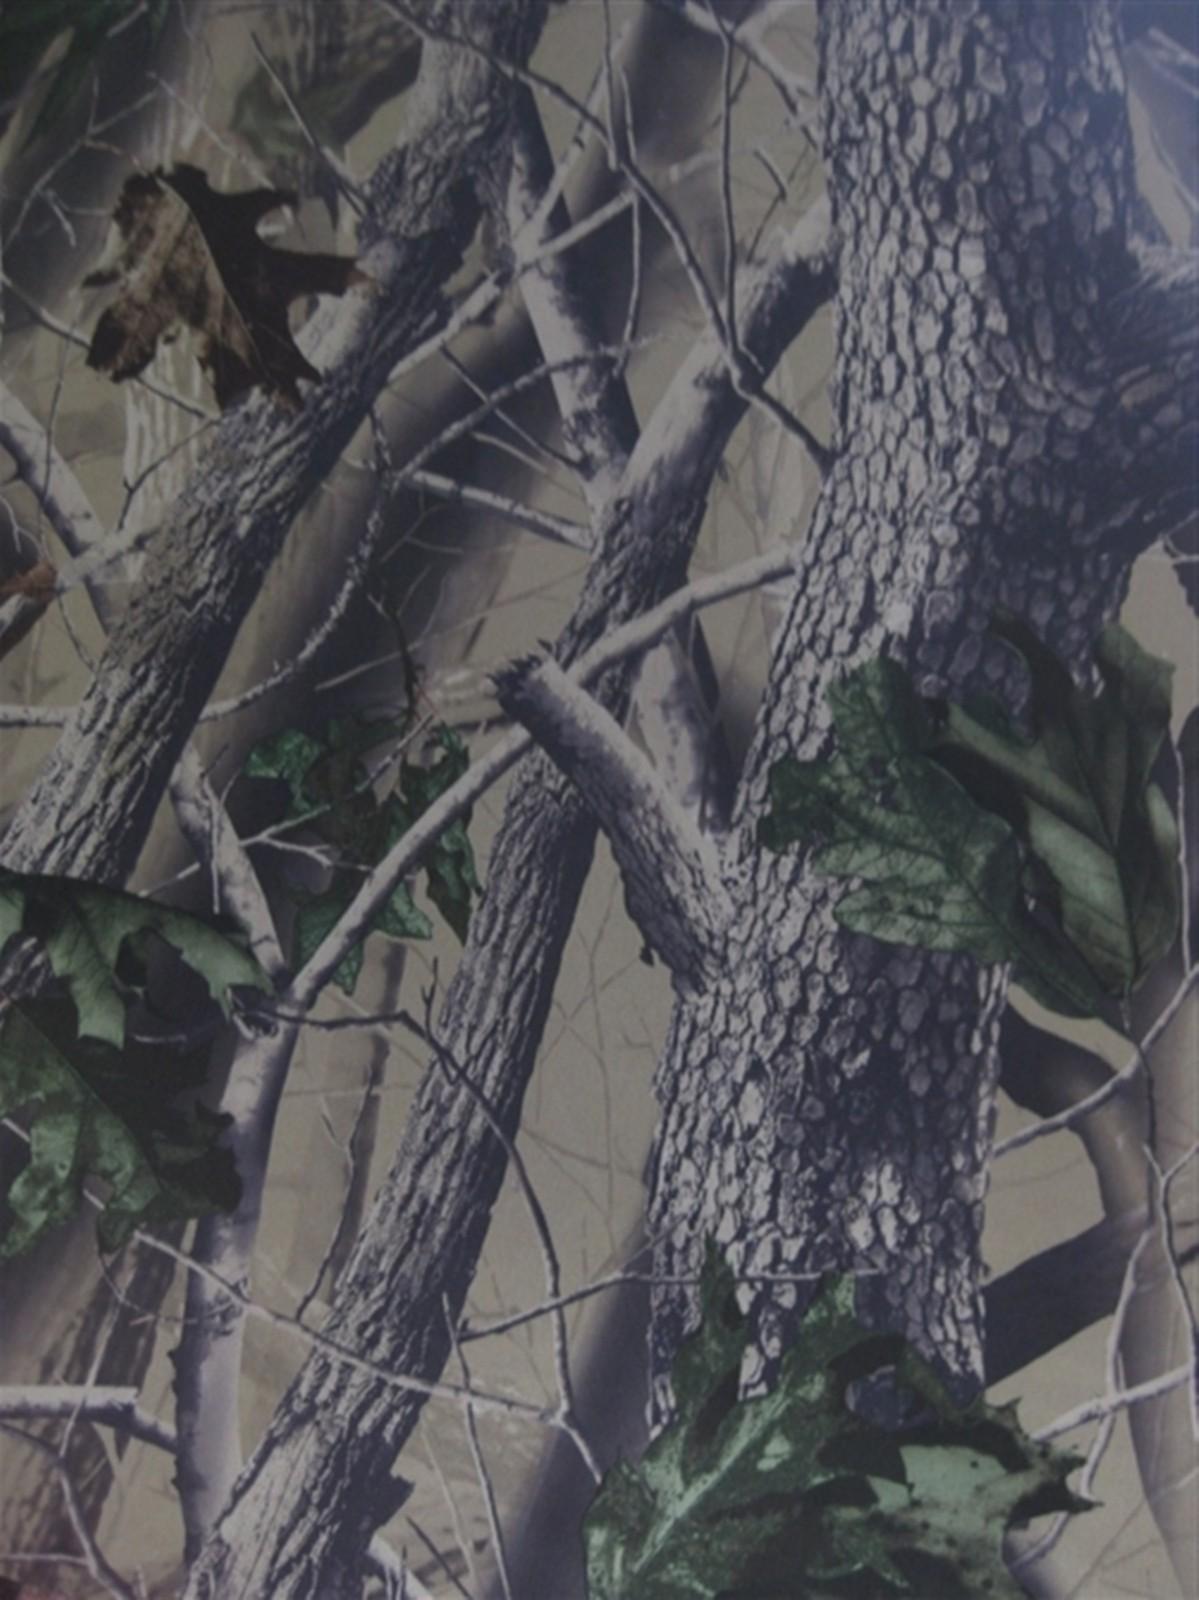 600D大树叶 大森林树叶花 牛津布涂层pvc图片十五